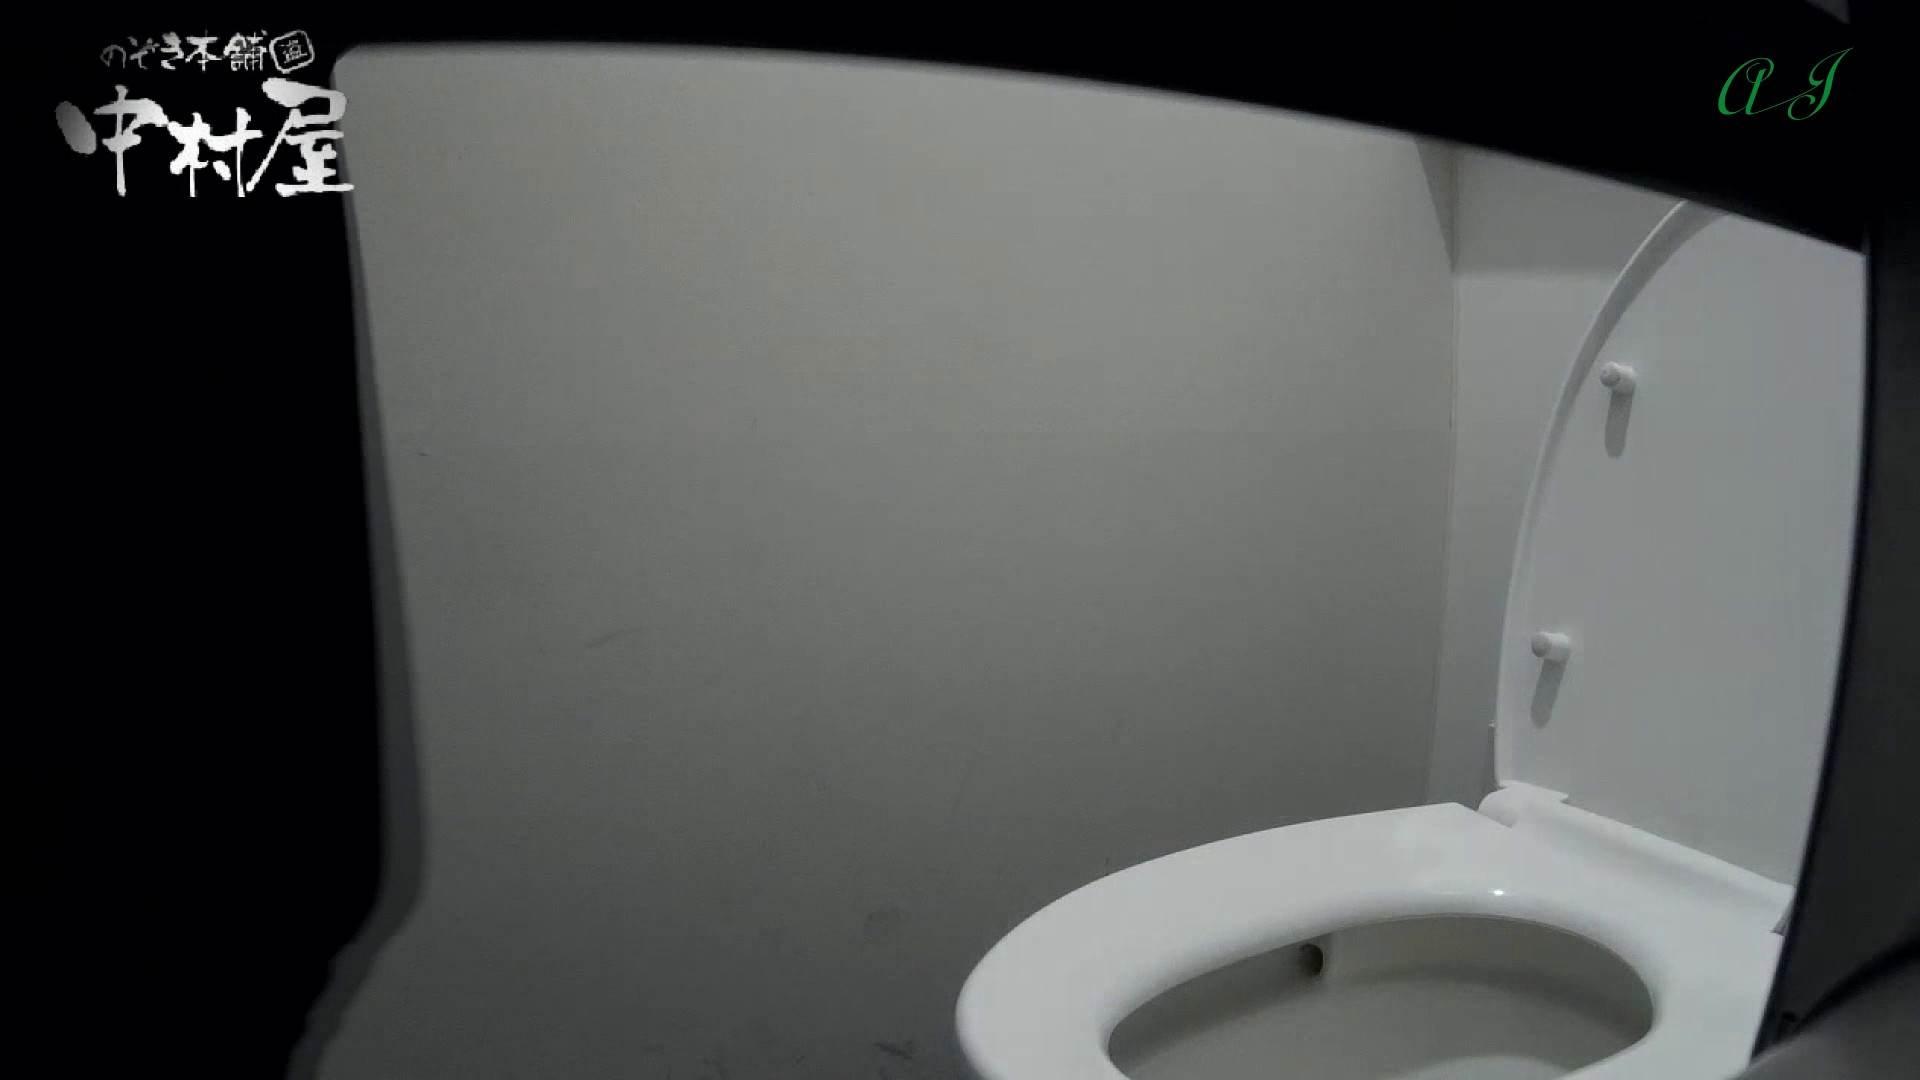 有名大学女性洗面所 vol.63 新入生の季節です。設置も変えてみました。 和式 隠し撮りオマンコ動画紹介 93連発 34